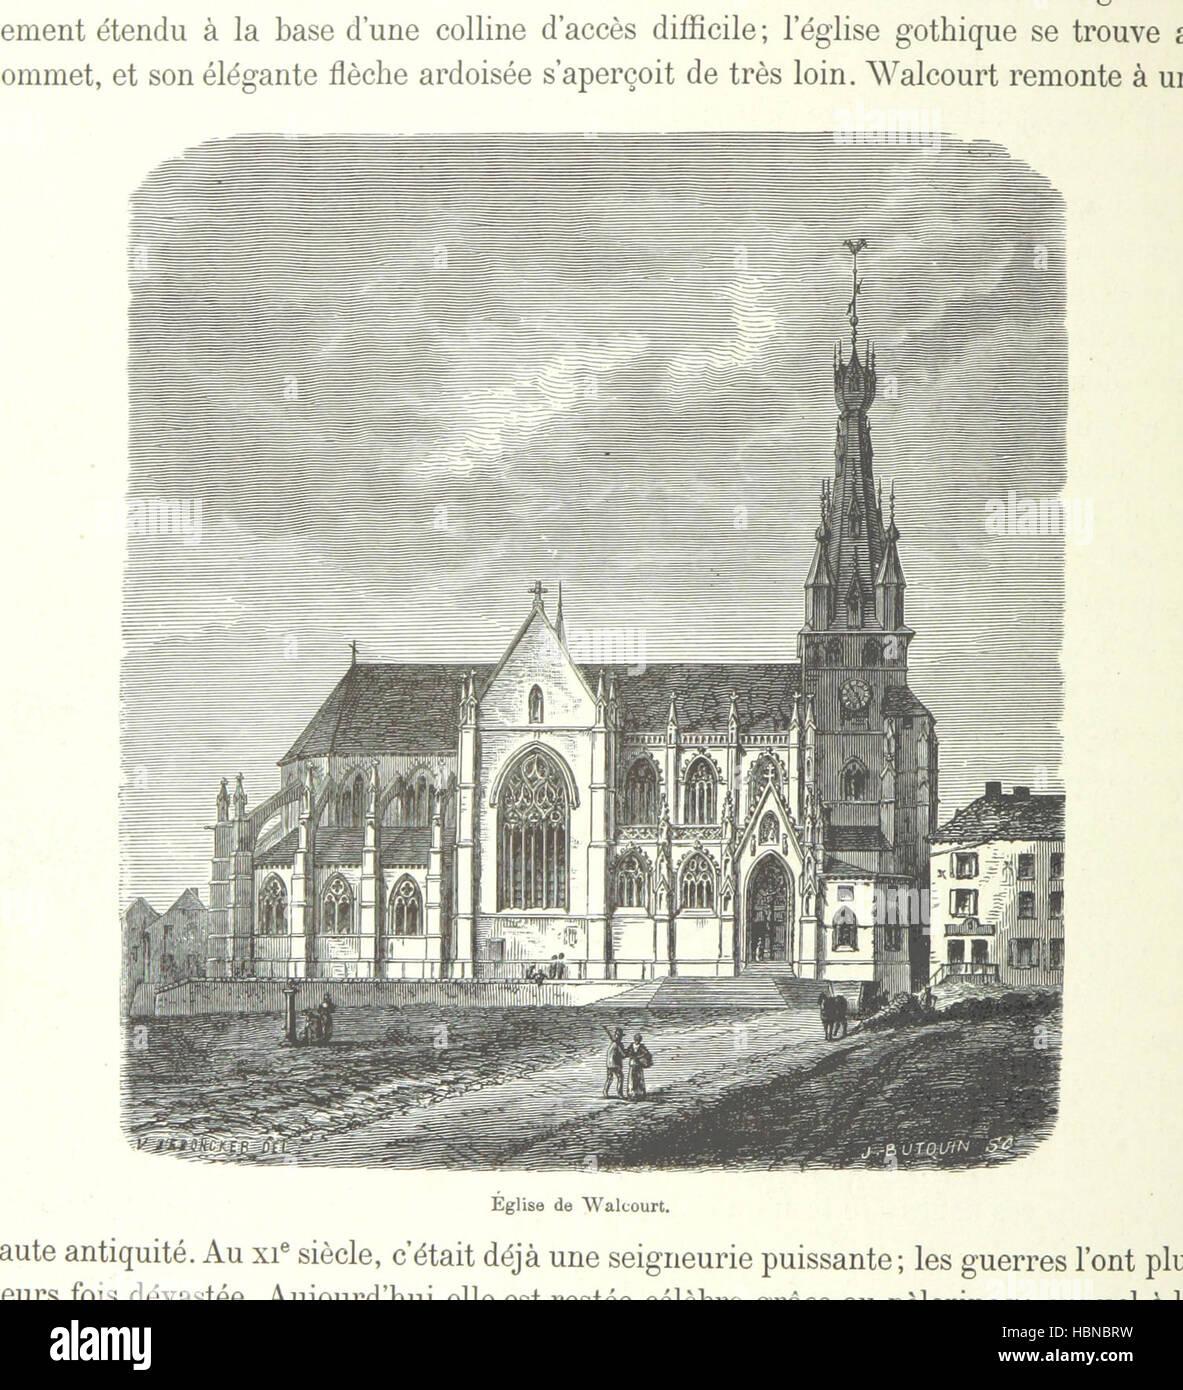 Image taken from page 158 of 'La Belgique illustrée, ses monuments, ses paysages, ses œuvres d'art. Publiée sous Stock Photo